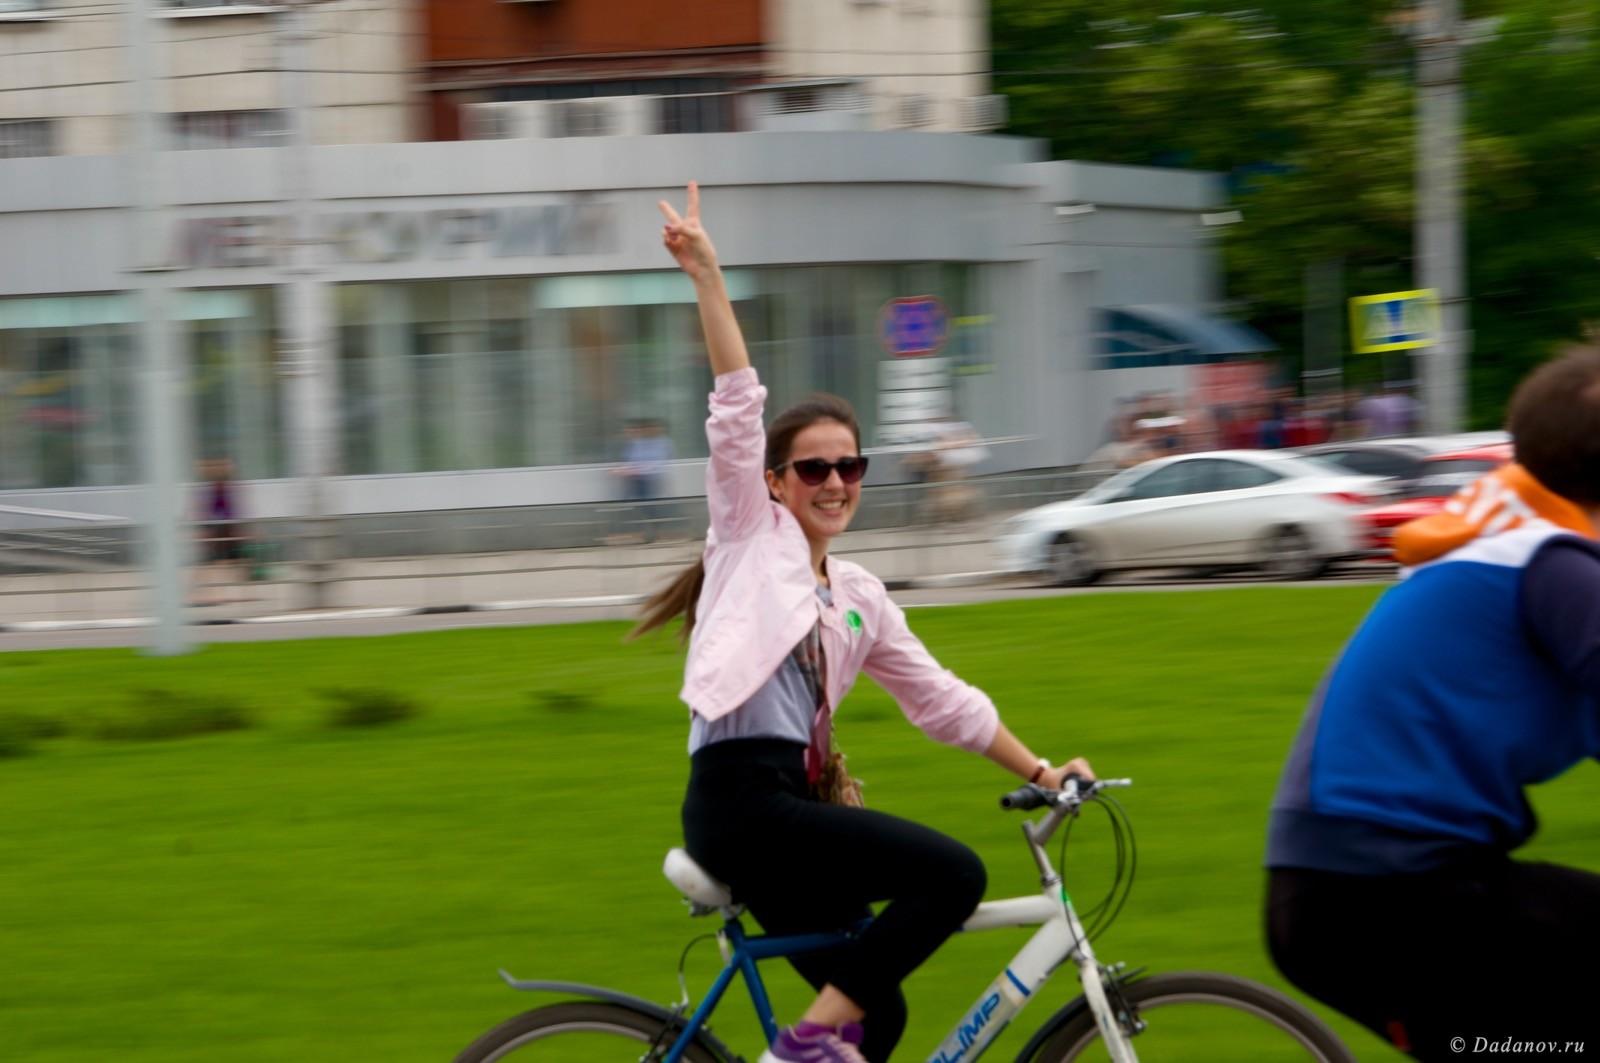 Велодень 2016 в Липецке состоялся. Фотографии с мероприятия 3042